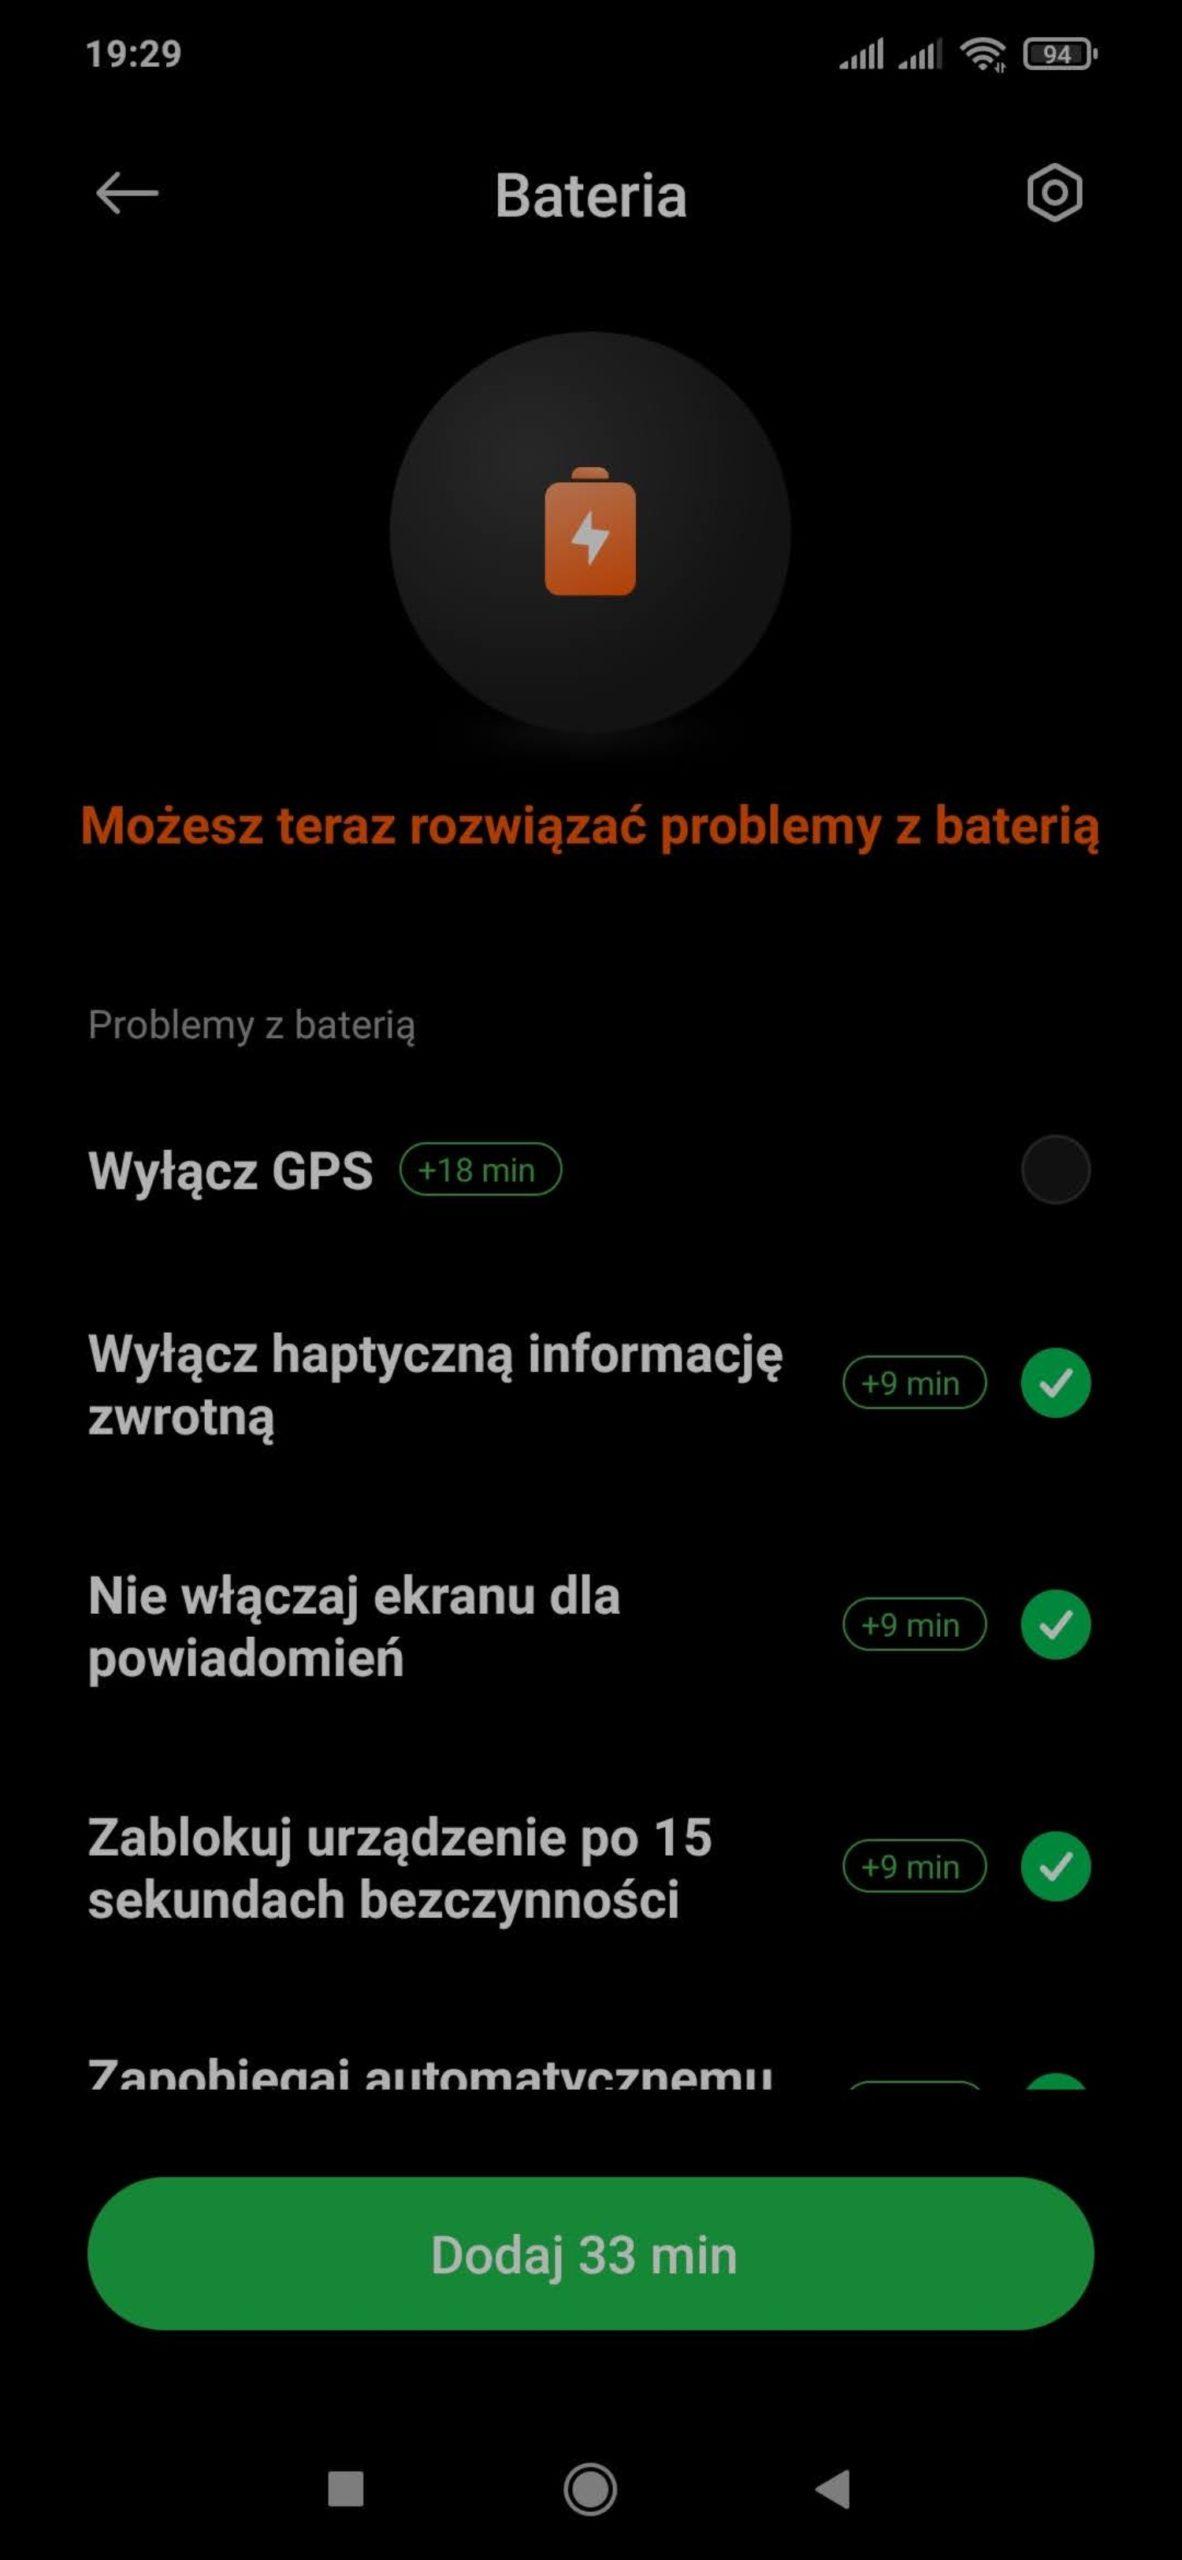 bateria-optymalizacja-poco-m3-geex